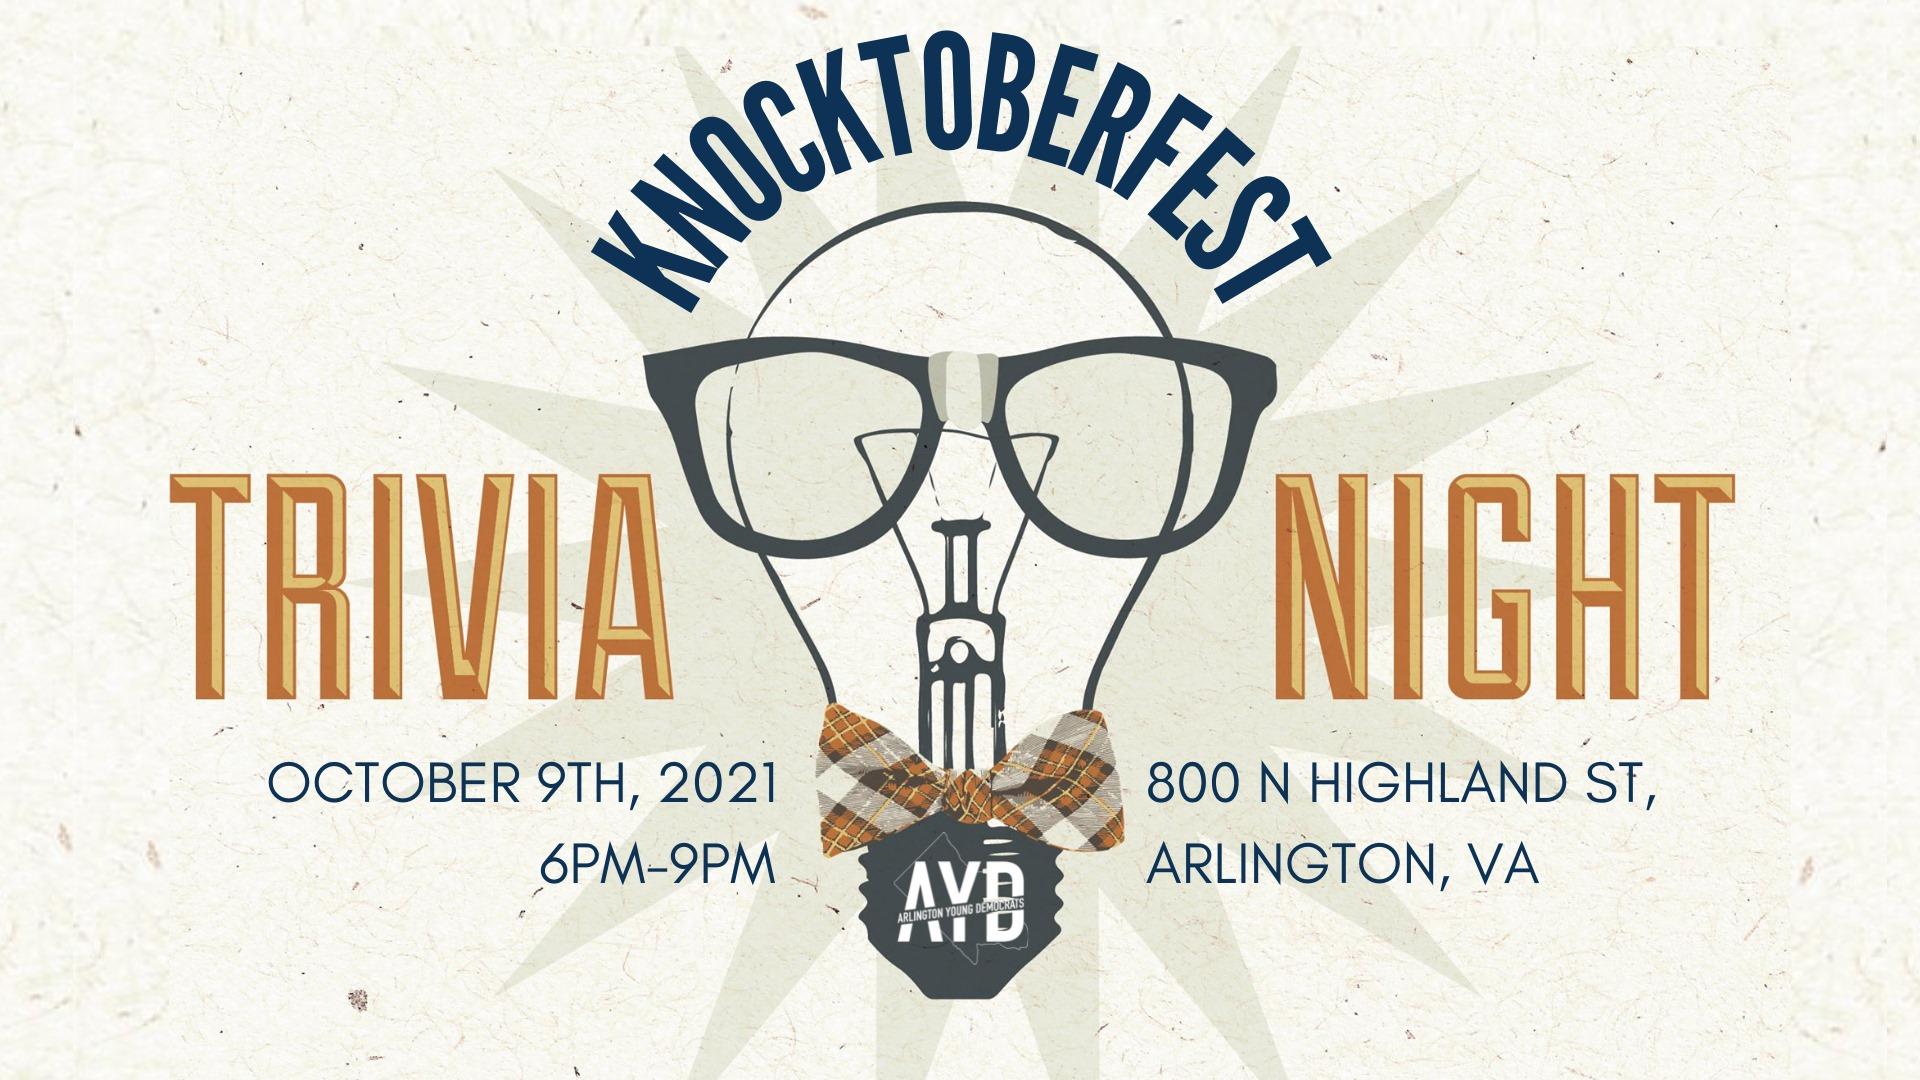 AYD Knocktoberfest Trivia Night